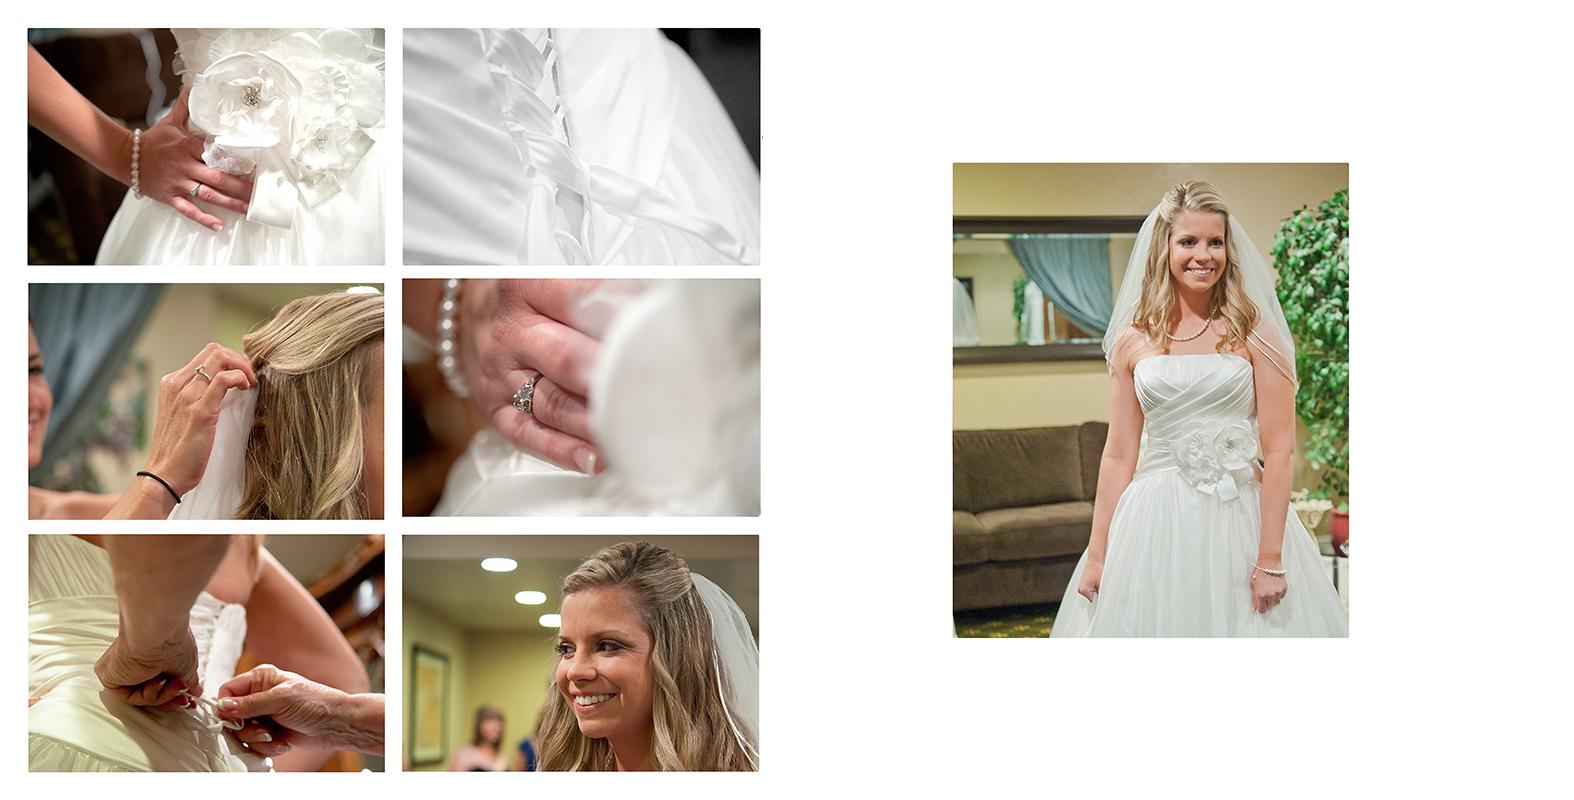 004_Bride-Prep